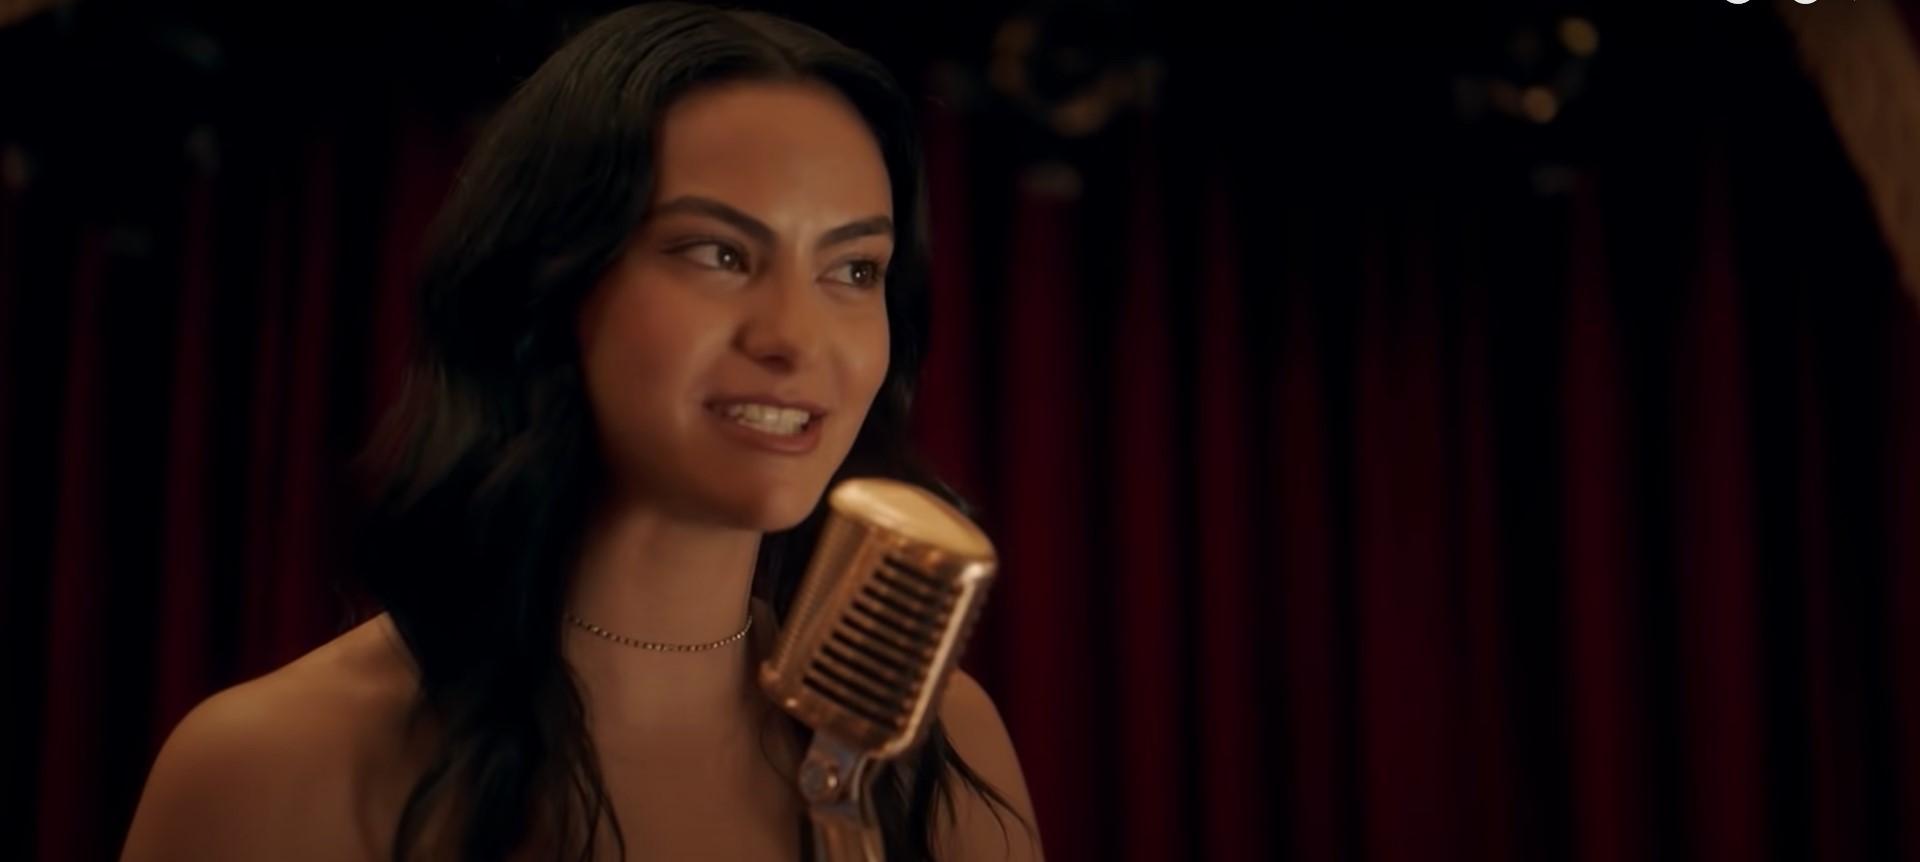 Camila Mendes in 'Riverdale'